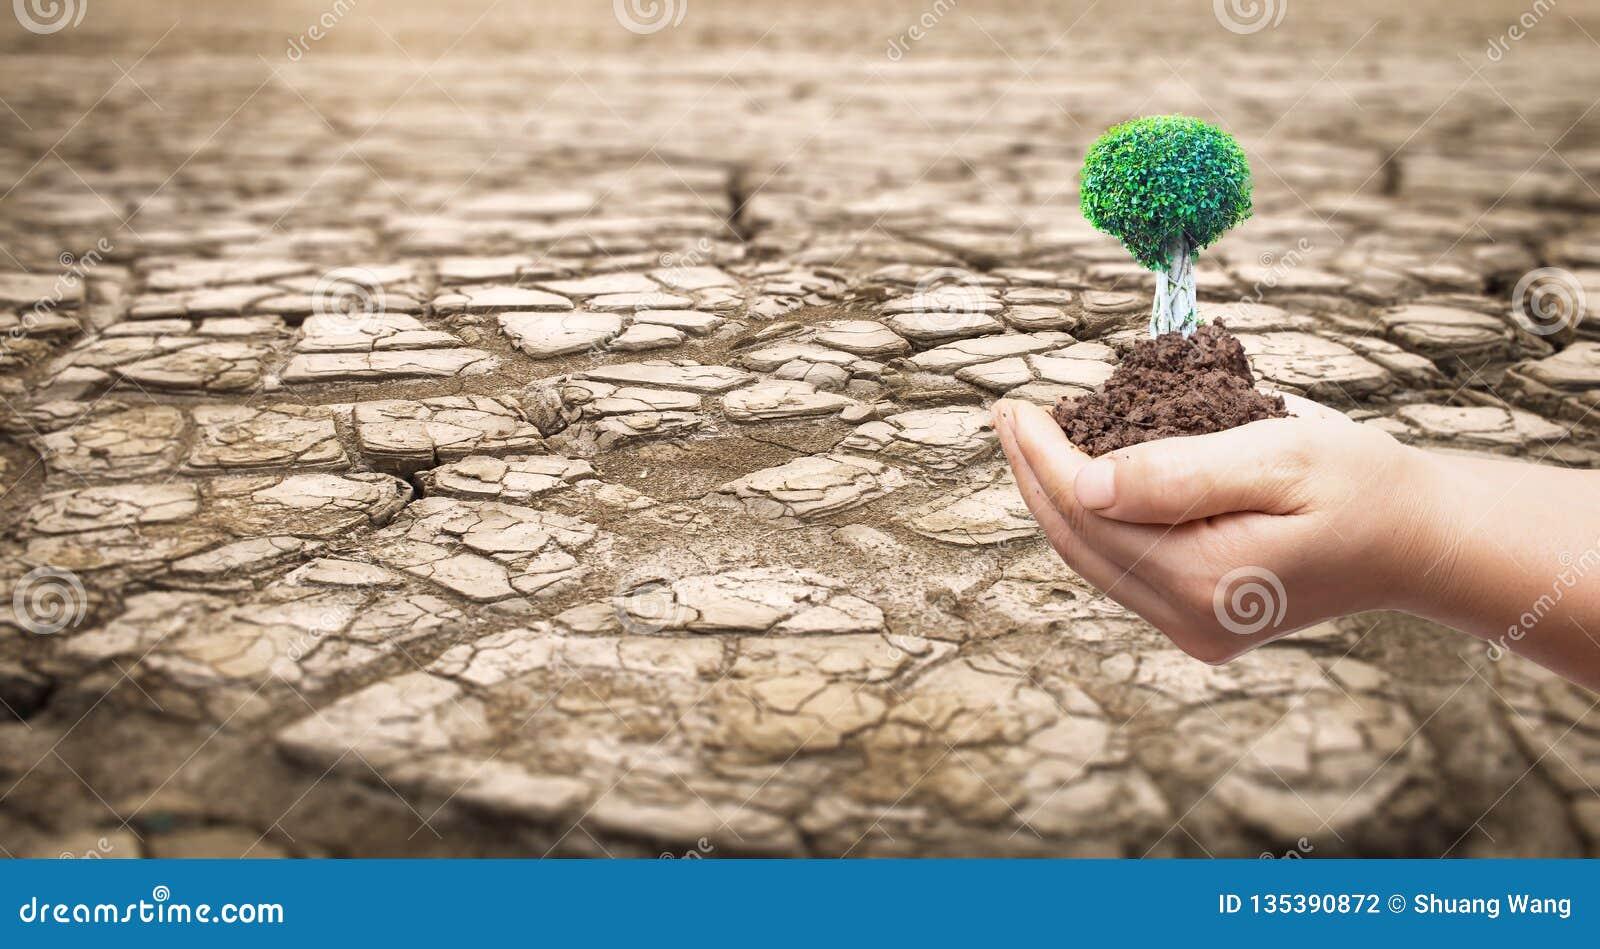 Περιβαλλοντική έννοια: Μέρος μιας τεράστιας περιοχής του ξηρού εδάφους που πάσχει από την ξηρασία